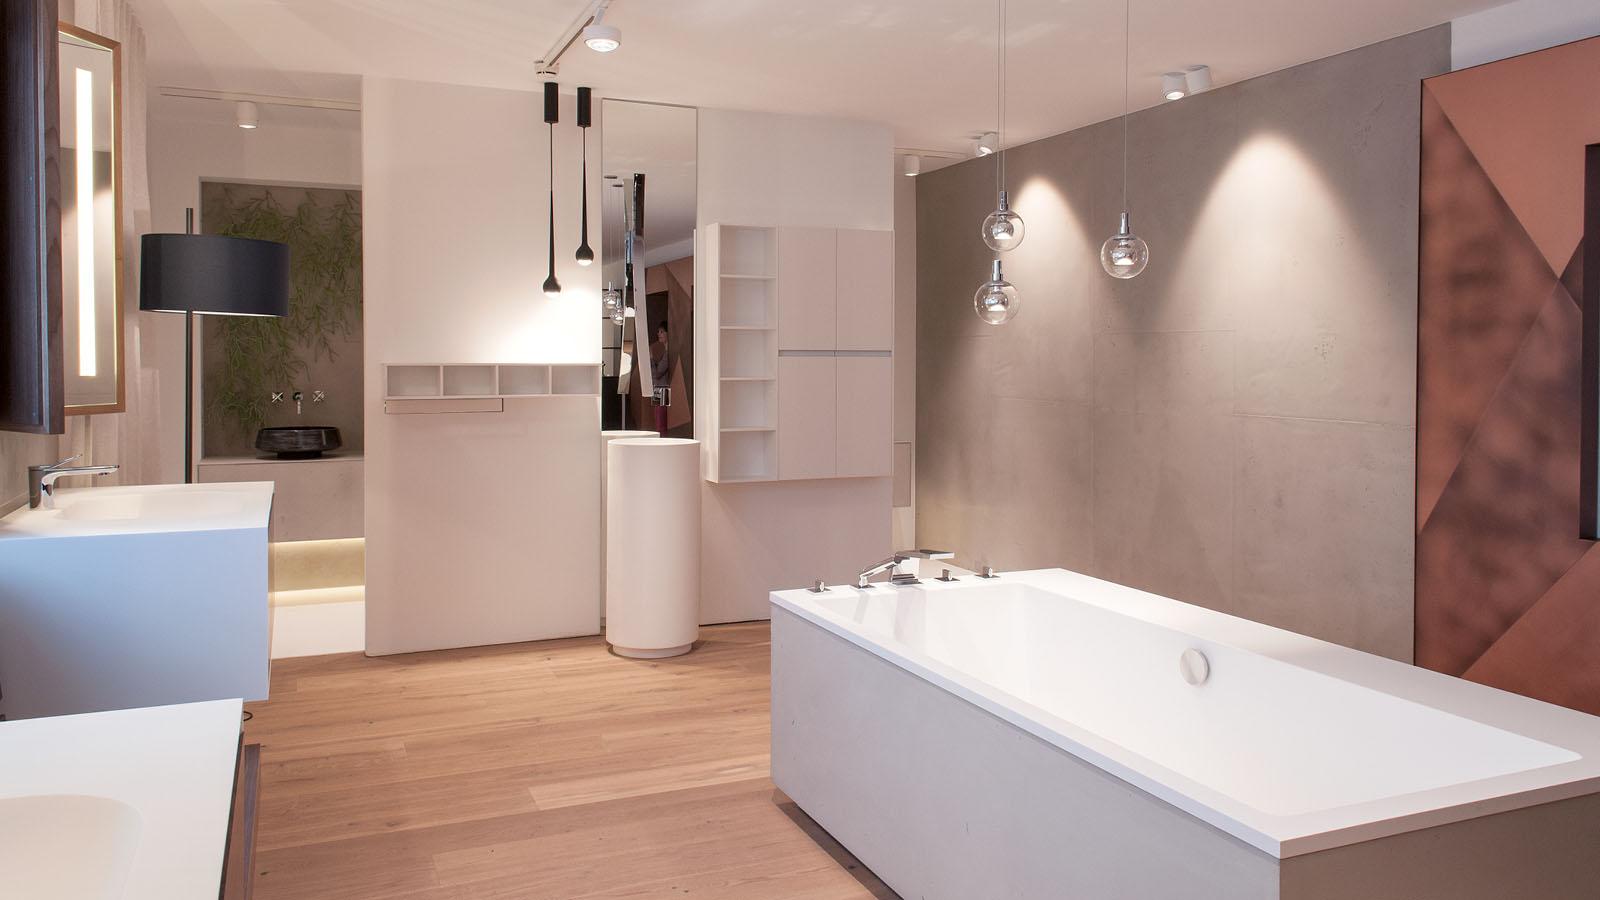 Ausgeleuchtetes Badezimmer mit Wanne